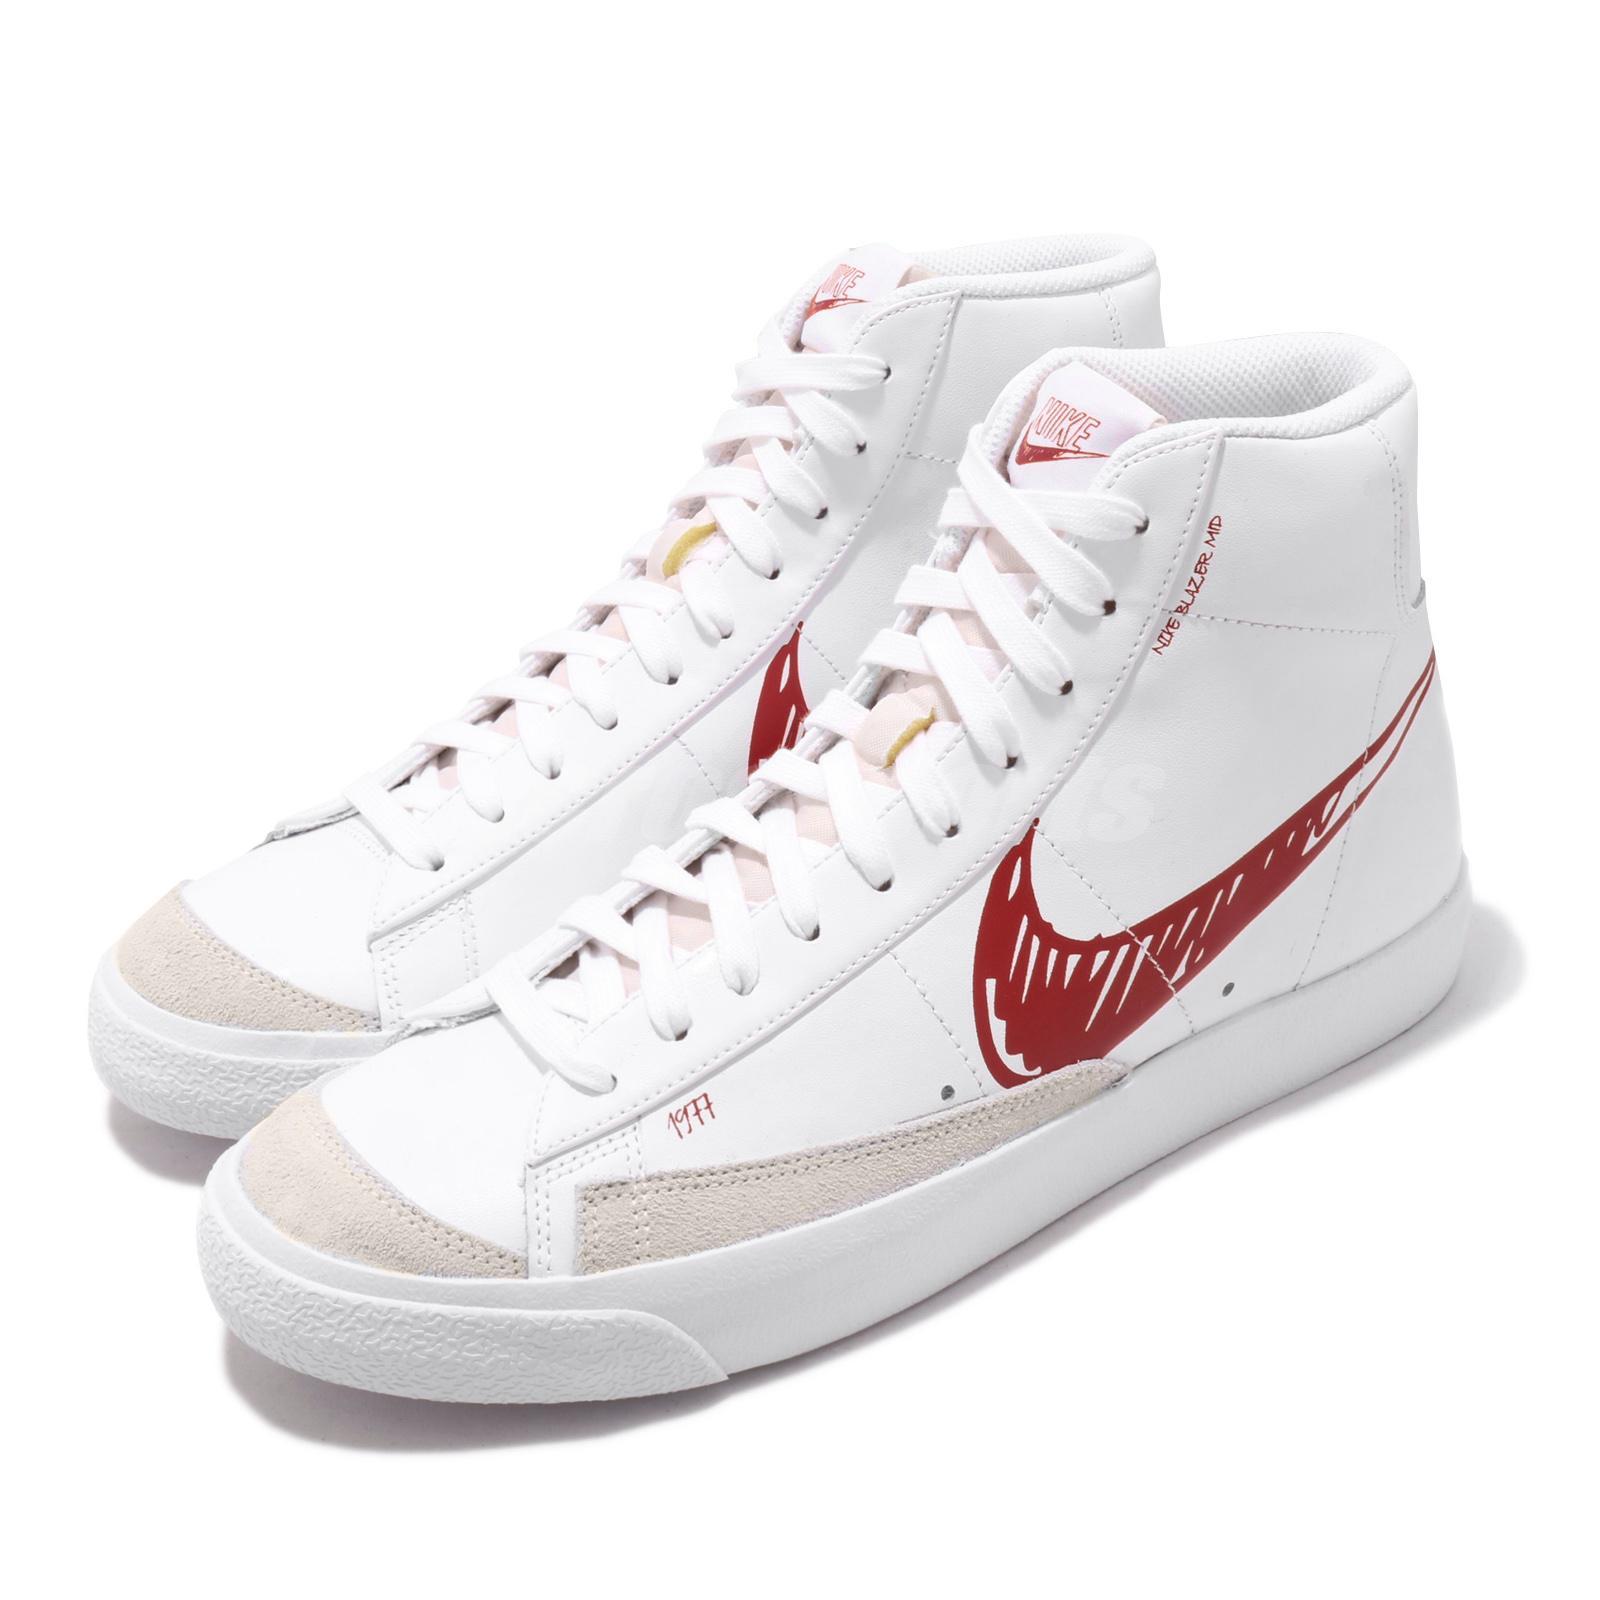 Nike Blazer Mid VNTG 77 Sketch White